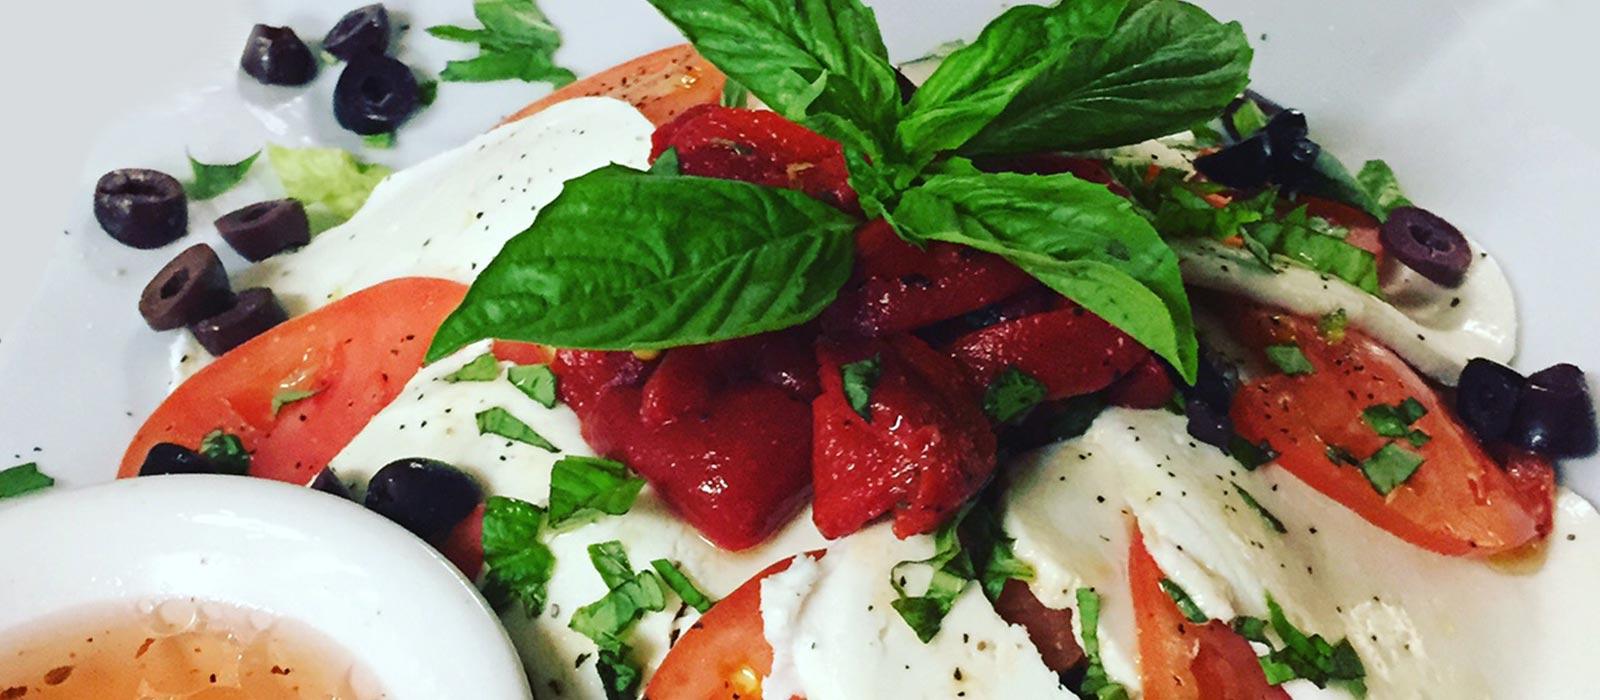 Italian Restaurants In Bedford Hills Ny